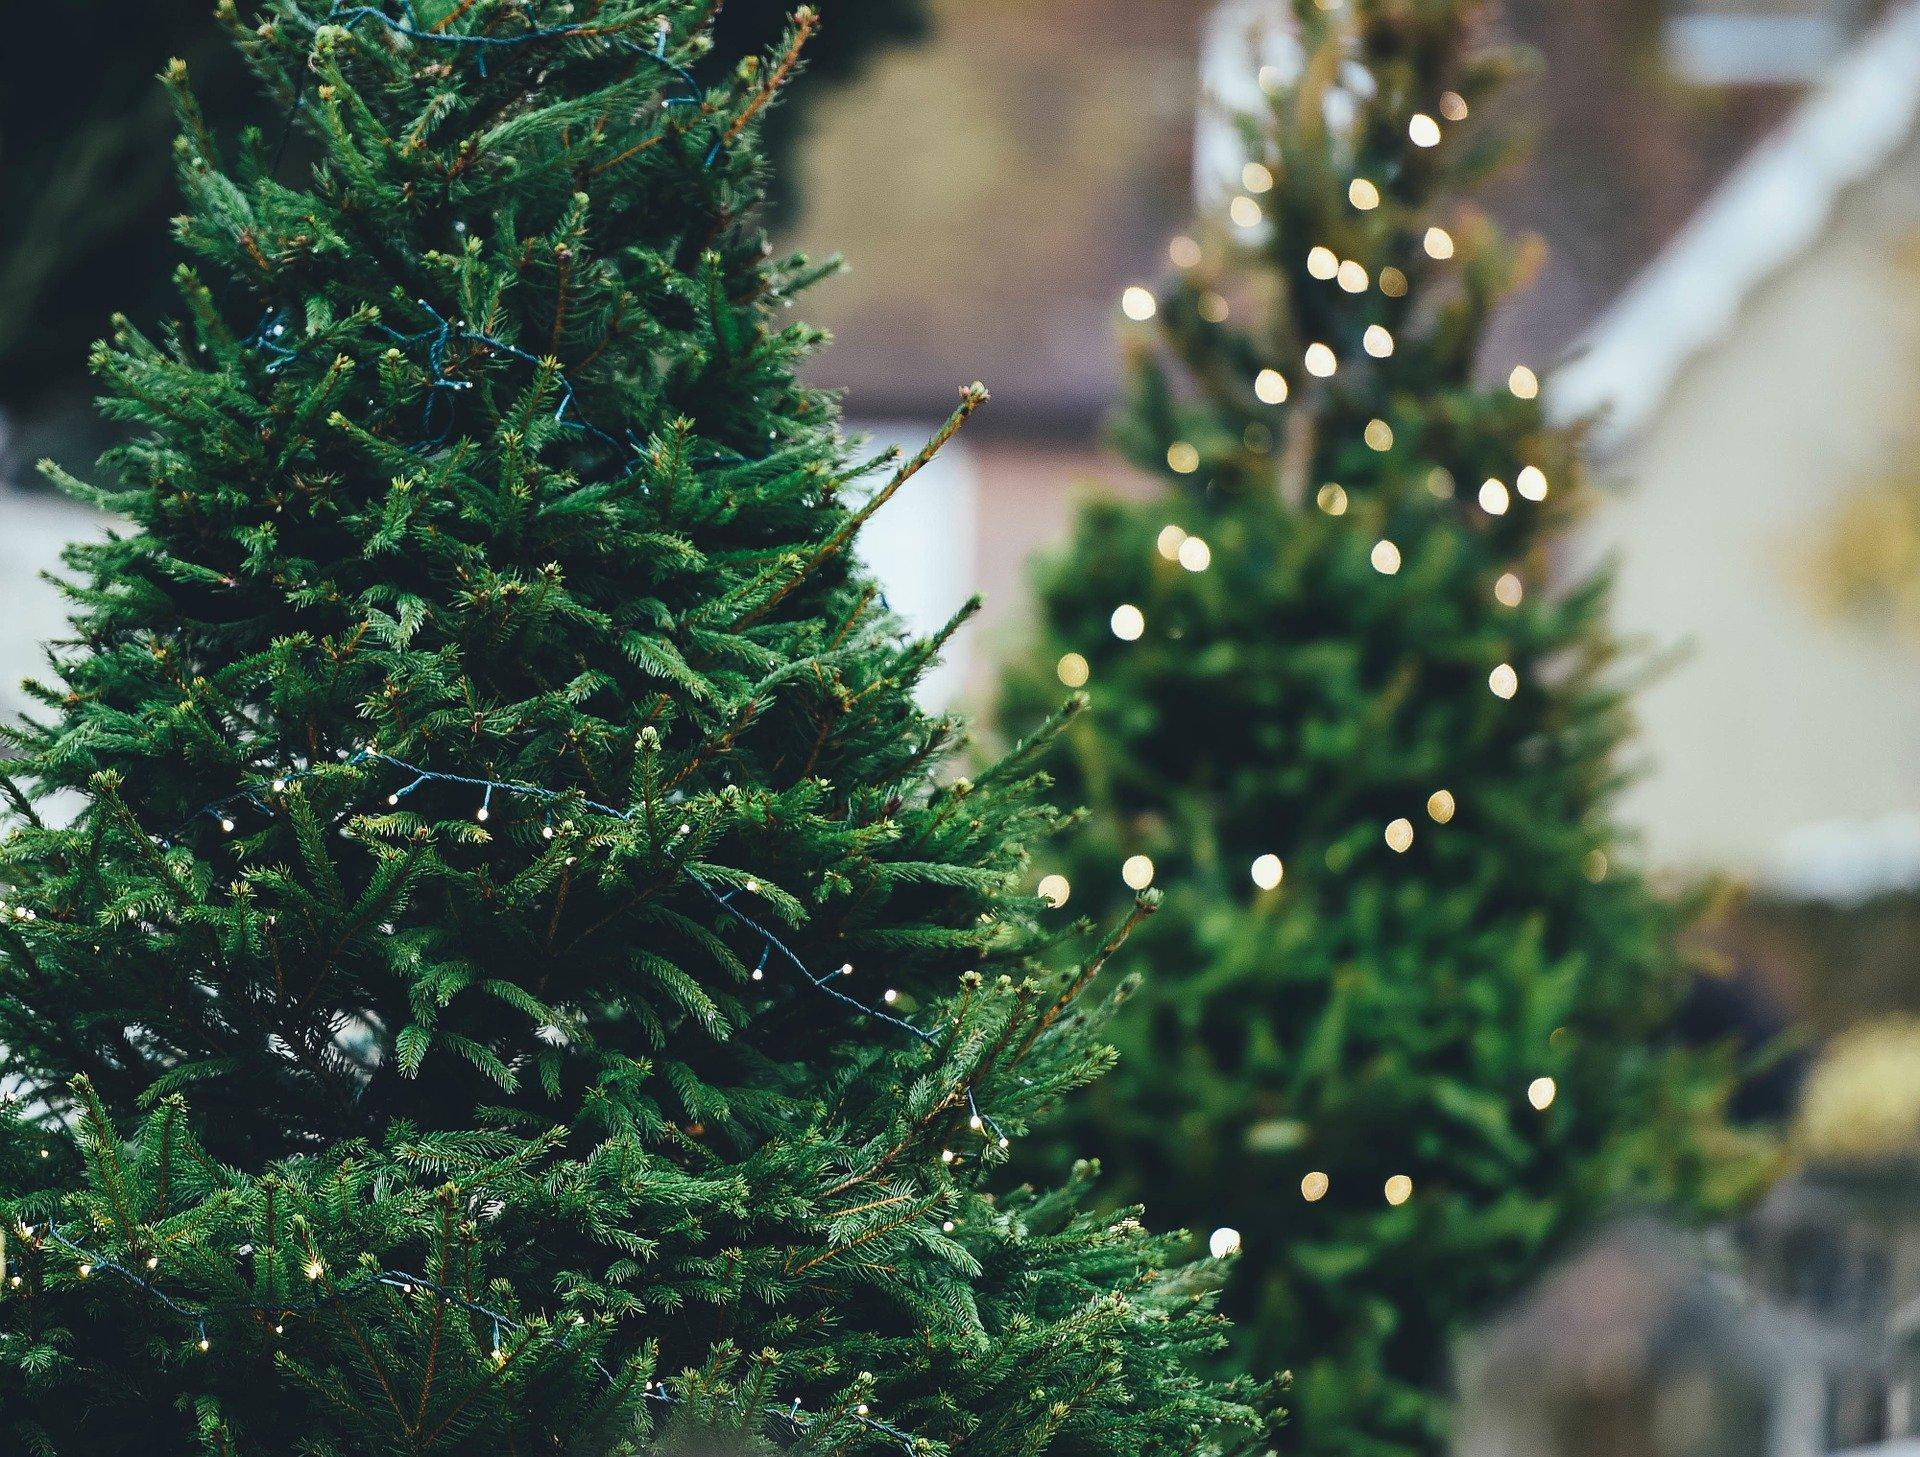 künstliche Weihnachtsbäume mit Beleuchtung